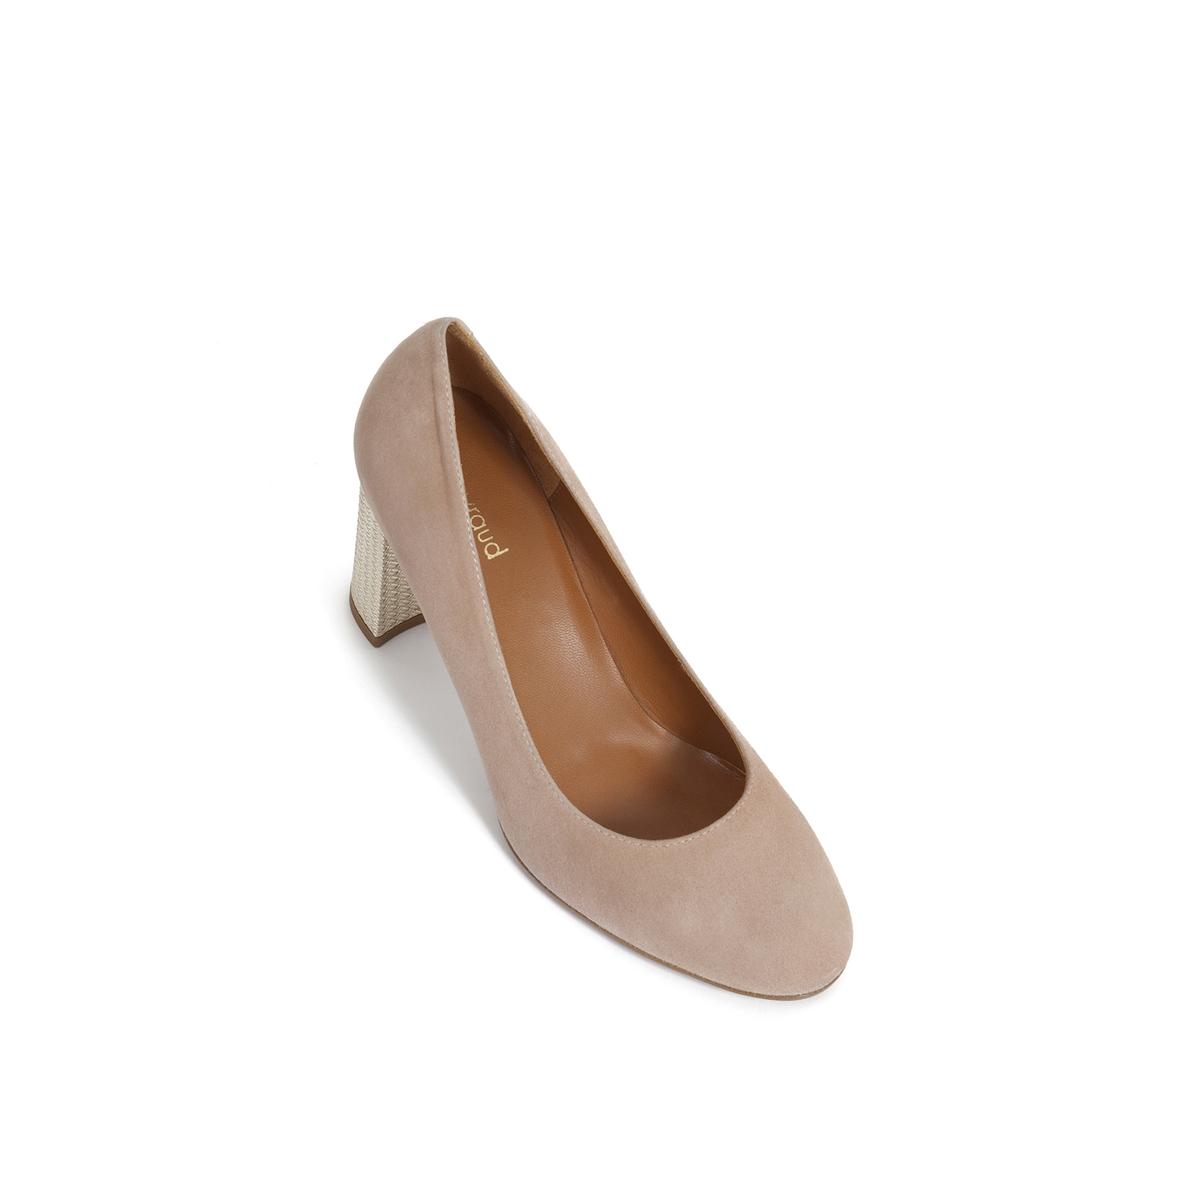 Туфли кожаные велюровые EloanaВерх : велюровая кожа   Подкладка : Кожа.   Стелька : Кожа.   Подошва : Кожа.   Высота каблука : 8 см   Форма каблука : квадратный.   Мысок : закругленный   Застежка : без застежки<br><br>Цвет: красный малиновый,пудра<br>Размер: 40.37.41